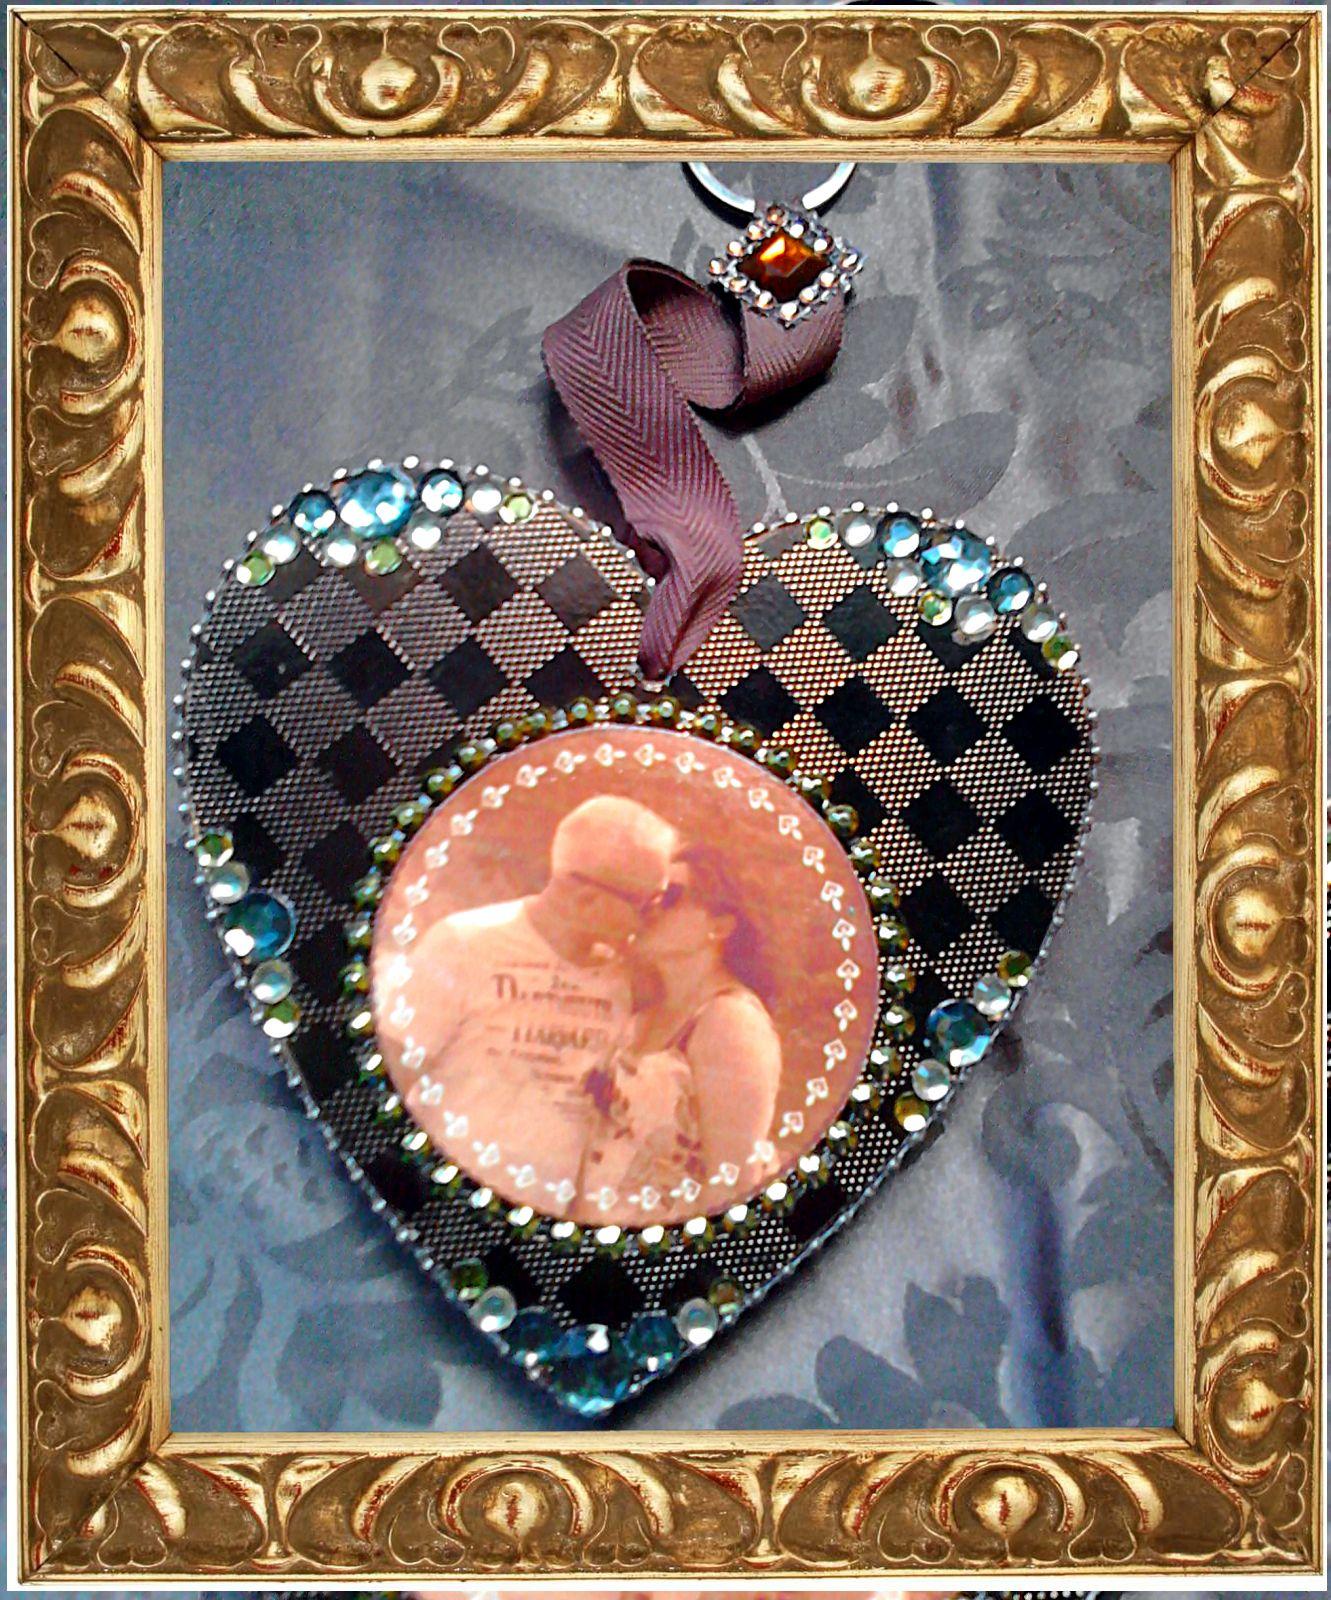 Dieses Herz habe ich für zwei ganz liebe Freunde aus Madrid gestaltet.